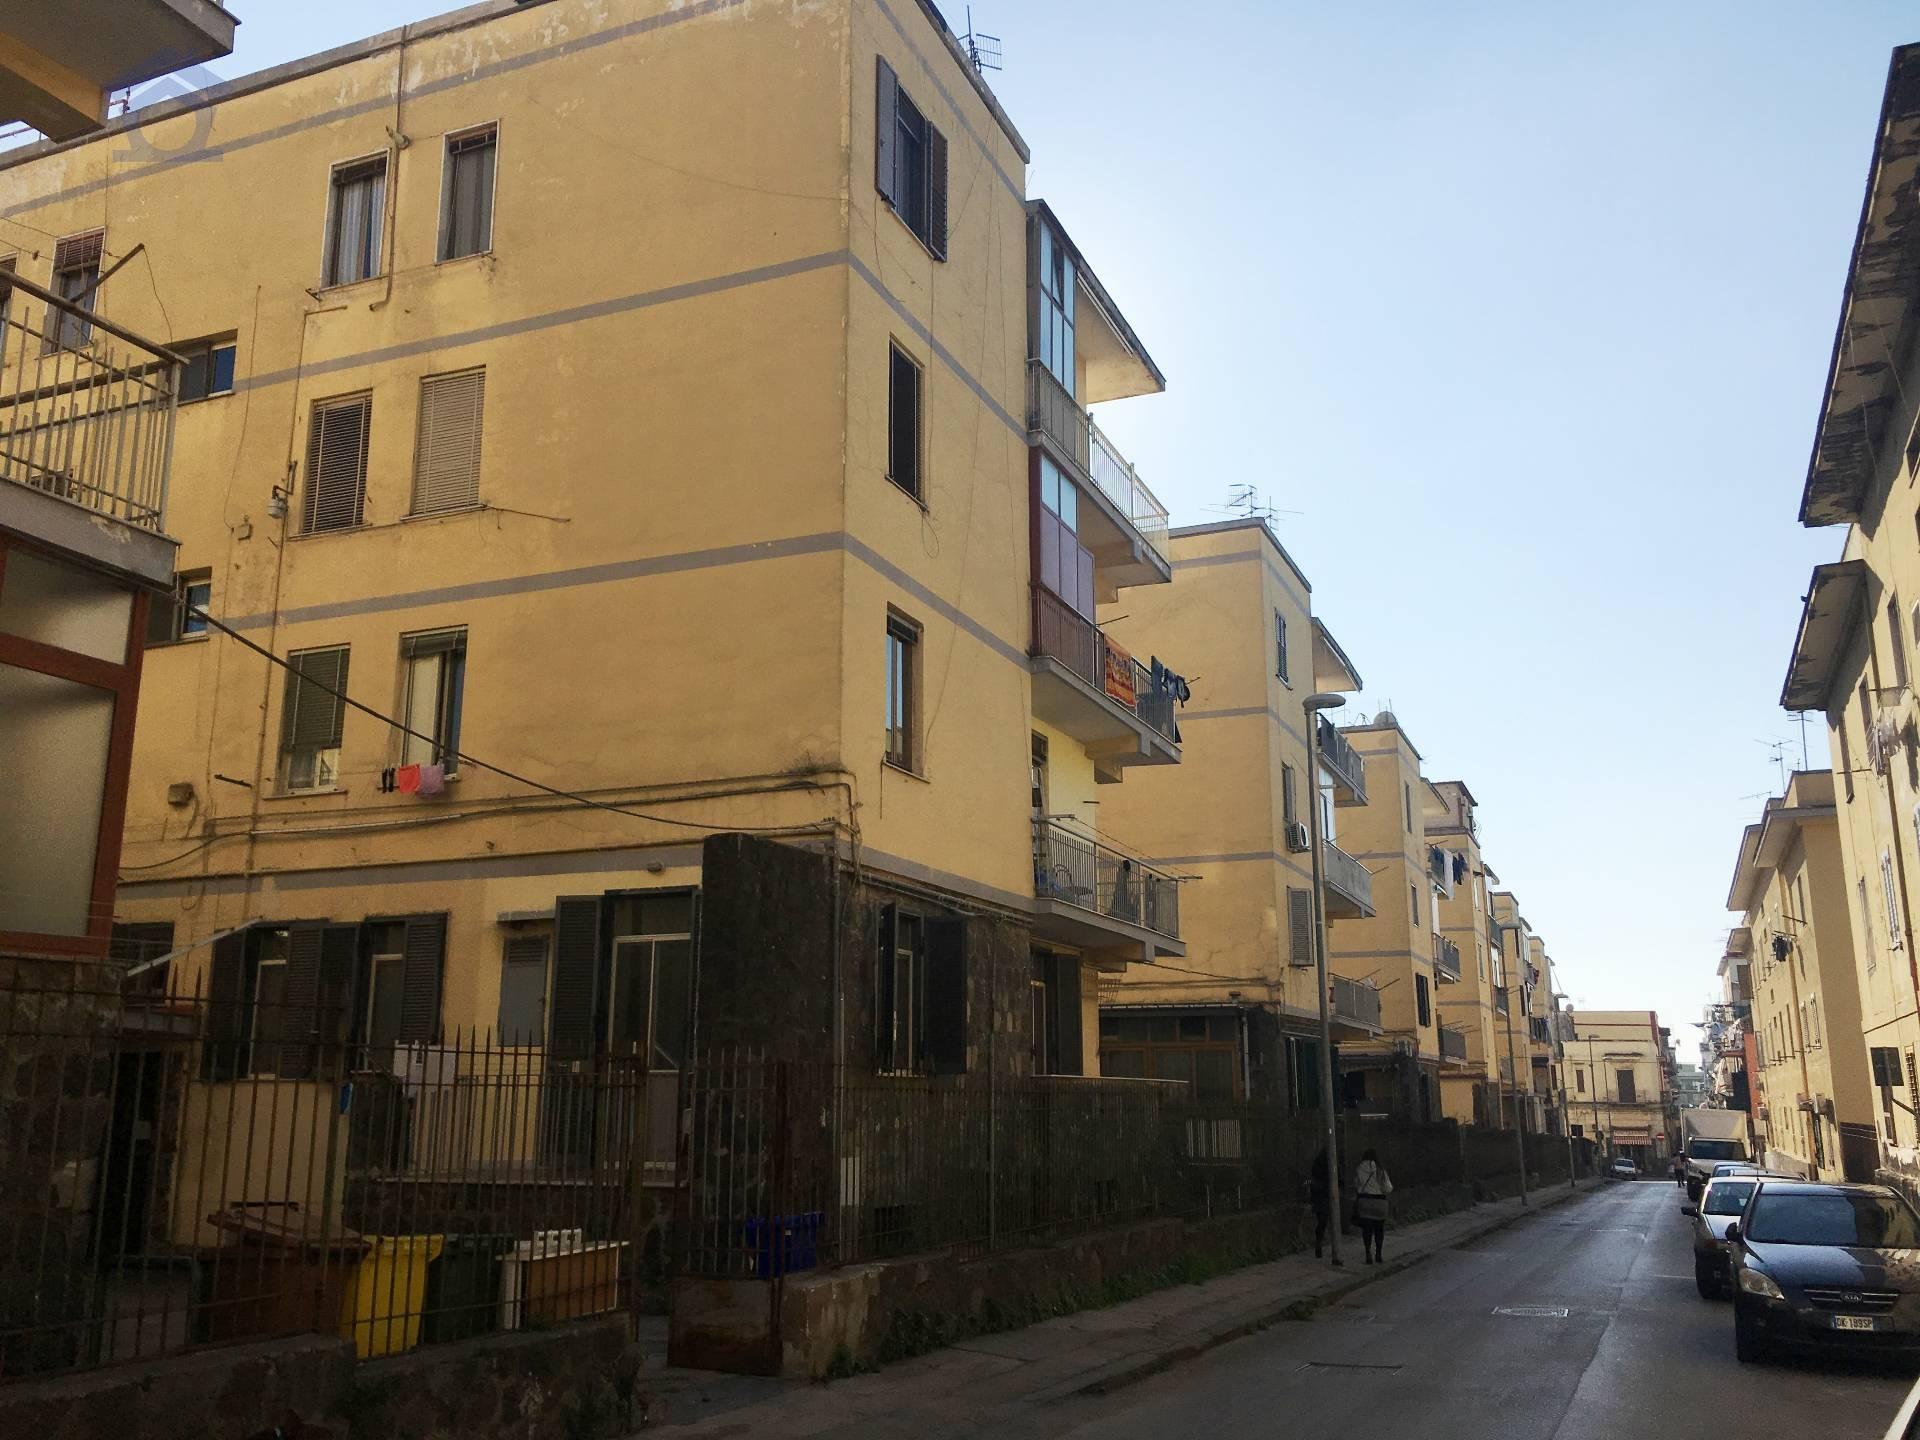 Appartamento in vendita a Torre Annunziata, 2 locali, zona Località: sud, prezzo € 60.000 | CambioCasa.it